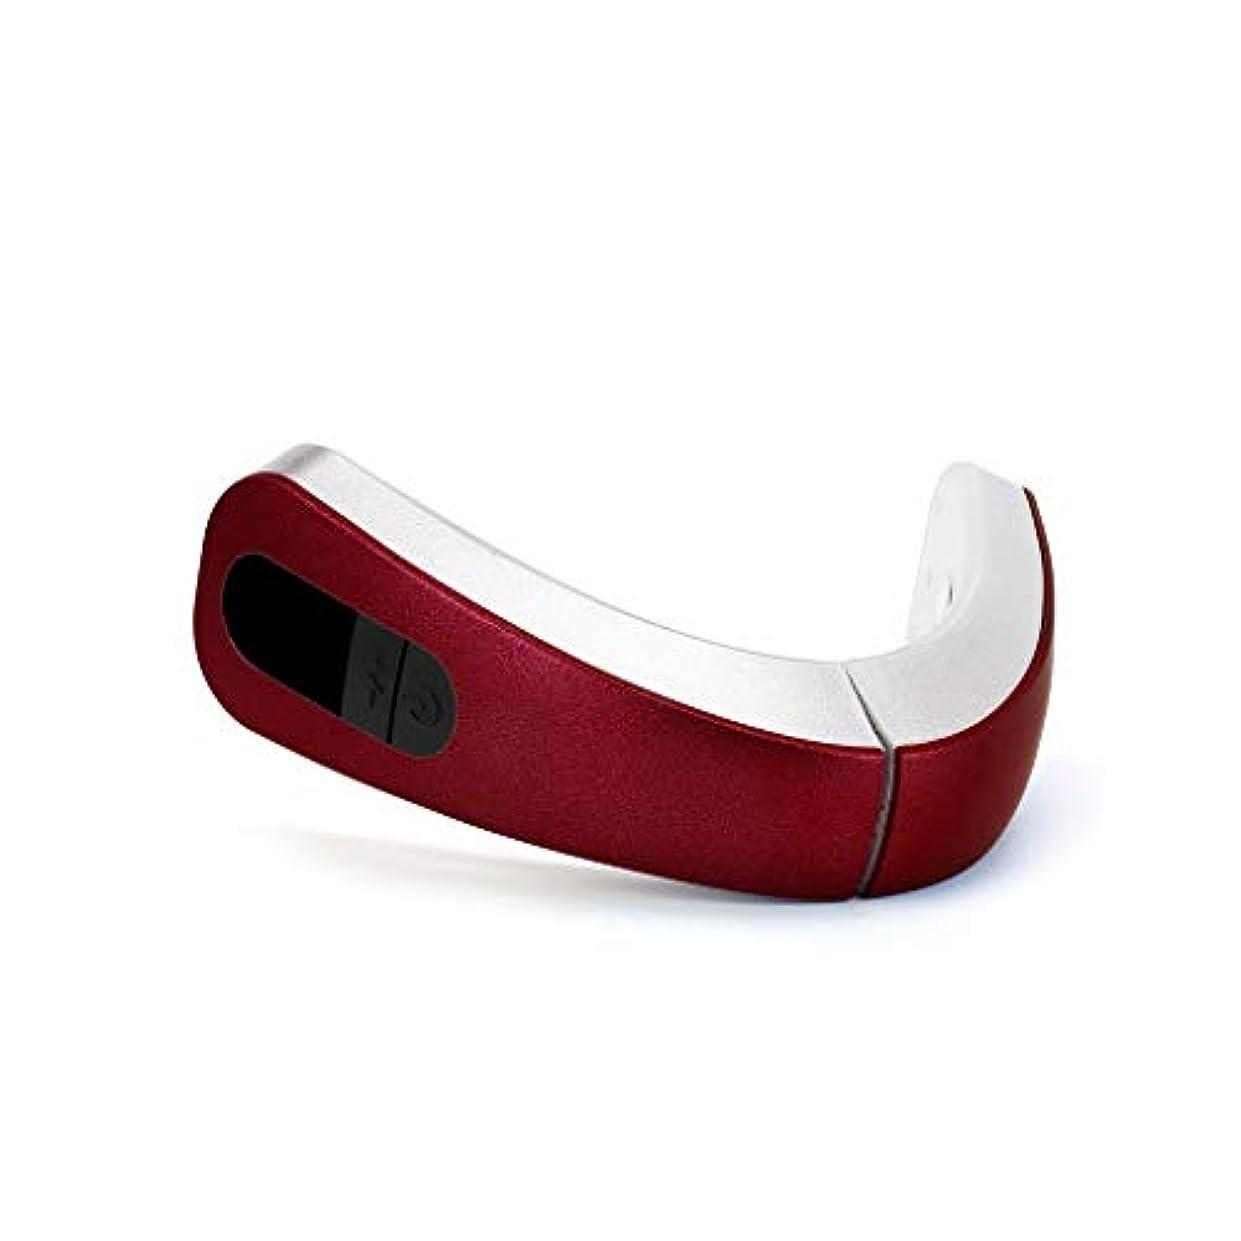 エアコンりしがみつくリフティングフェイシャル、電気マッサージ美容器具、リフティングファーミングファットディゾルビングシンフェイスシンダブルチンシンフェイス、4つのマッサージモードがあります (Color : Red)